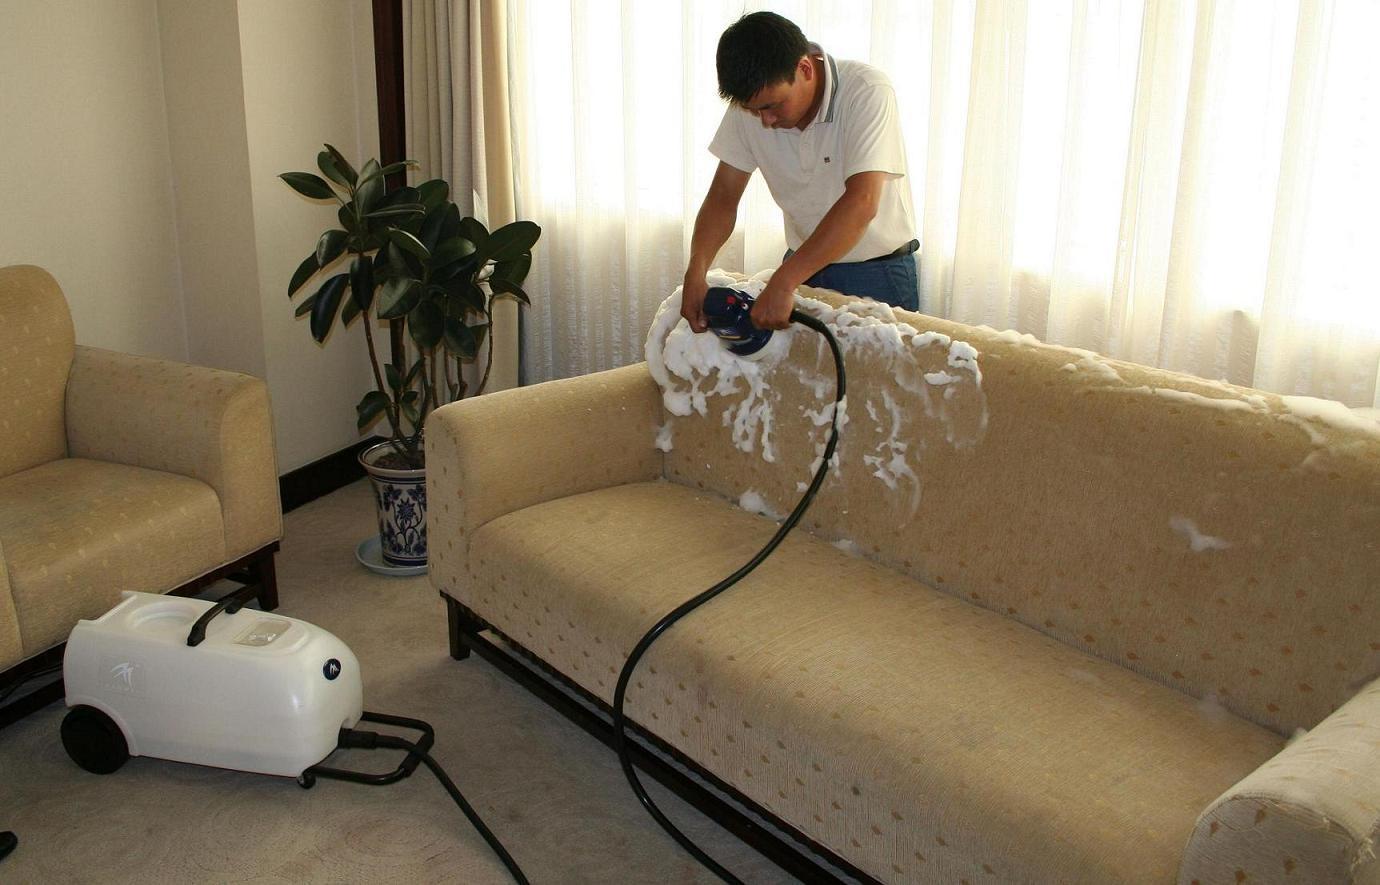 как почистить мягкую мебель мыльным раствором